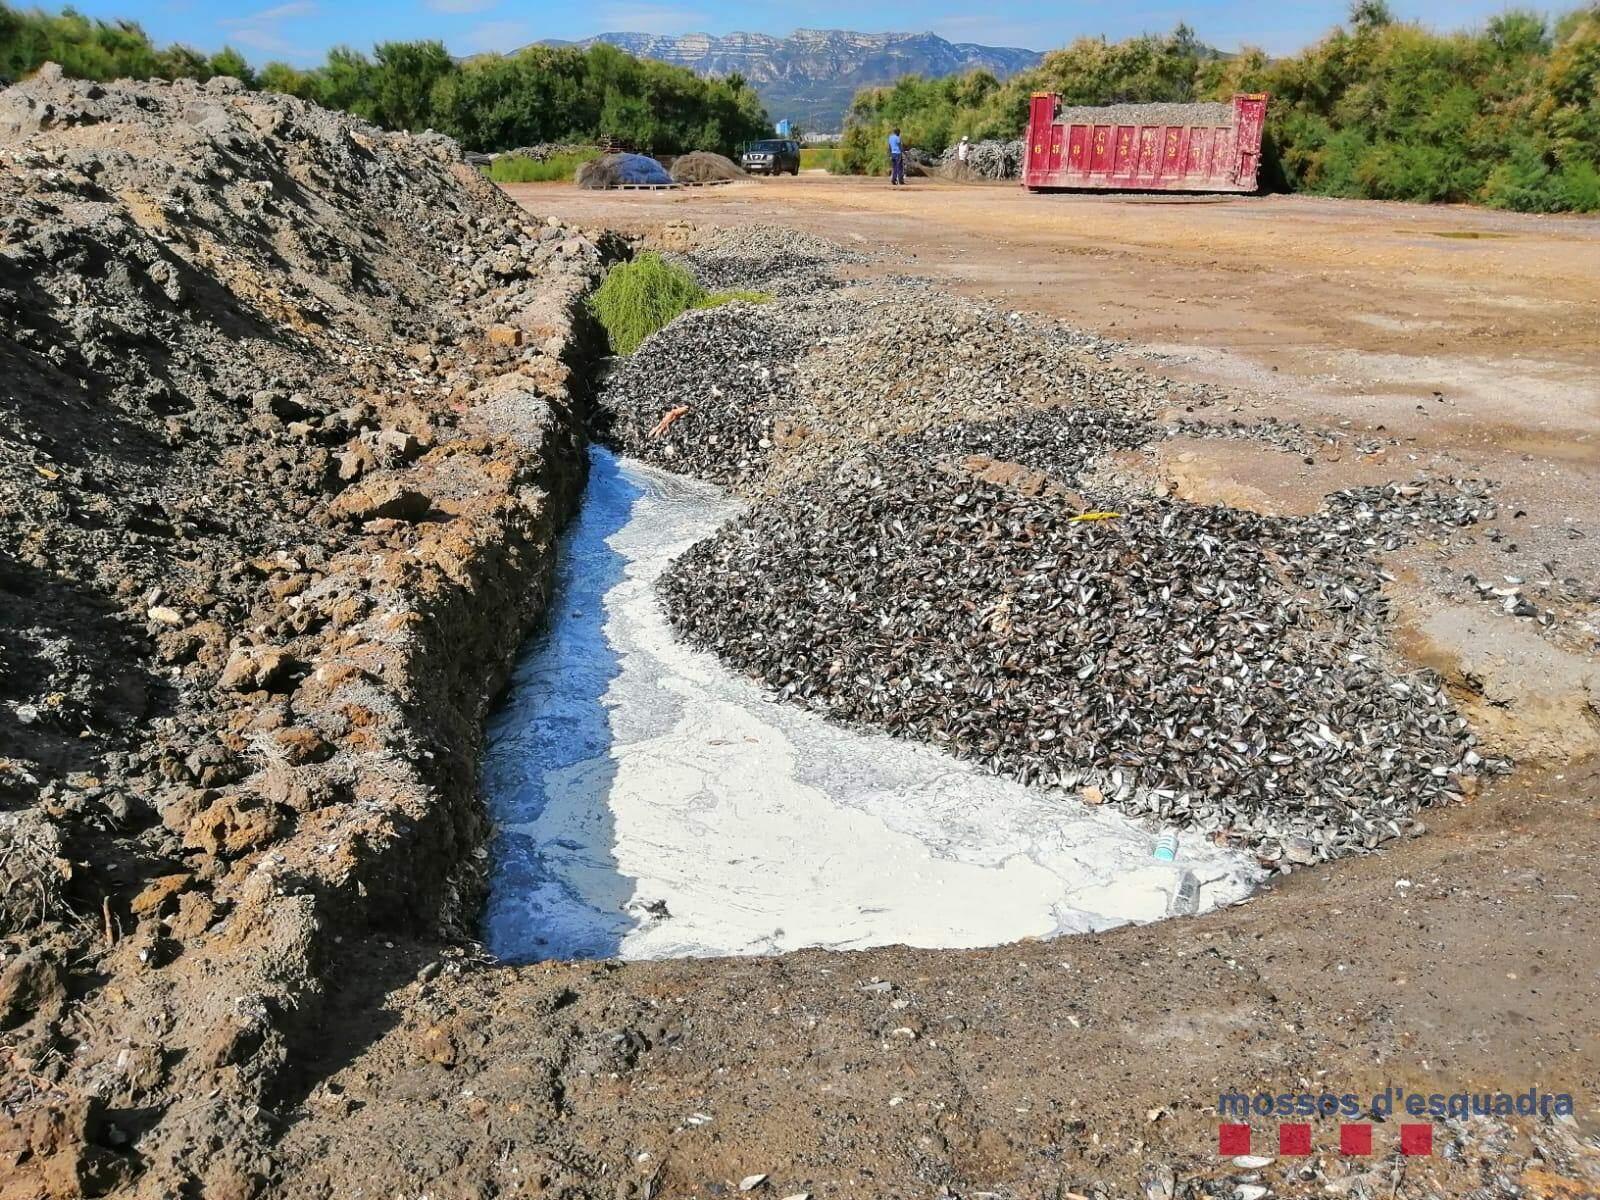 Al terreny s'hi abocaven restes de musclos i ostres